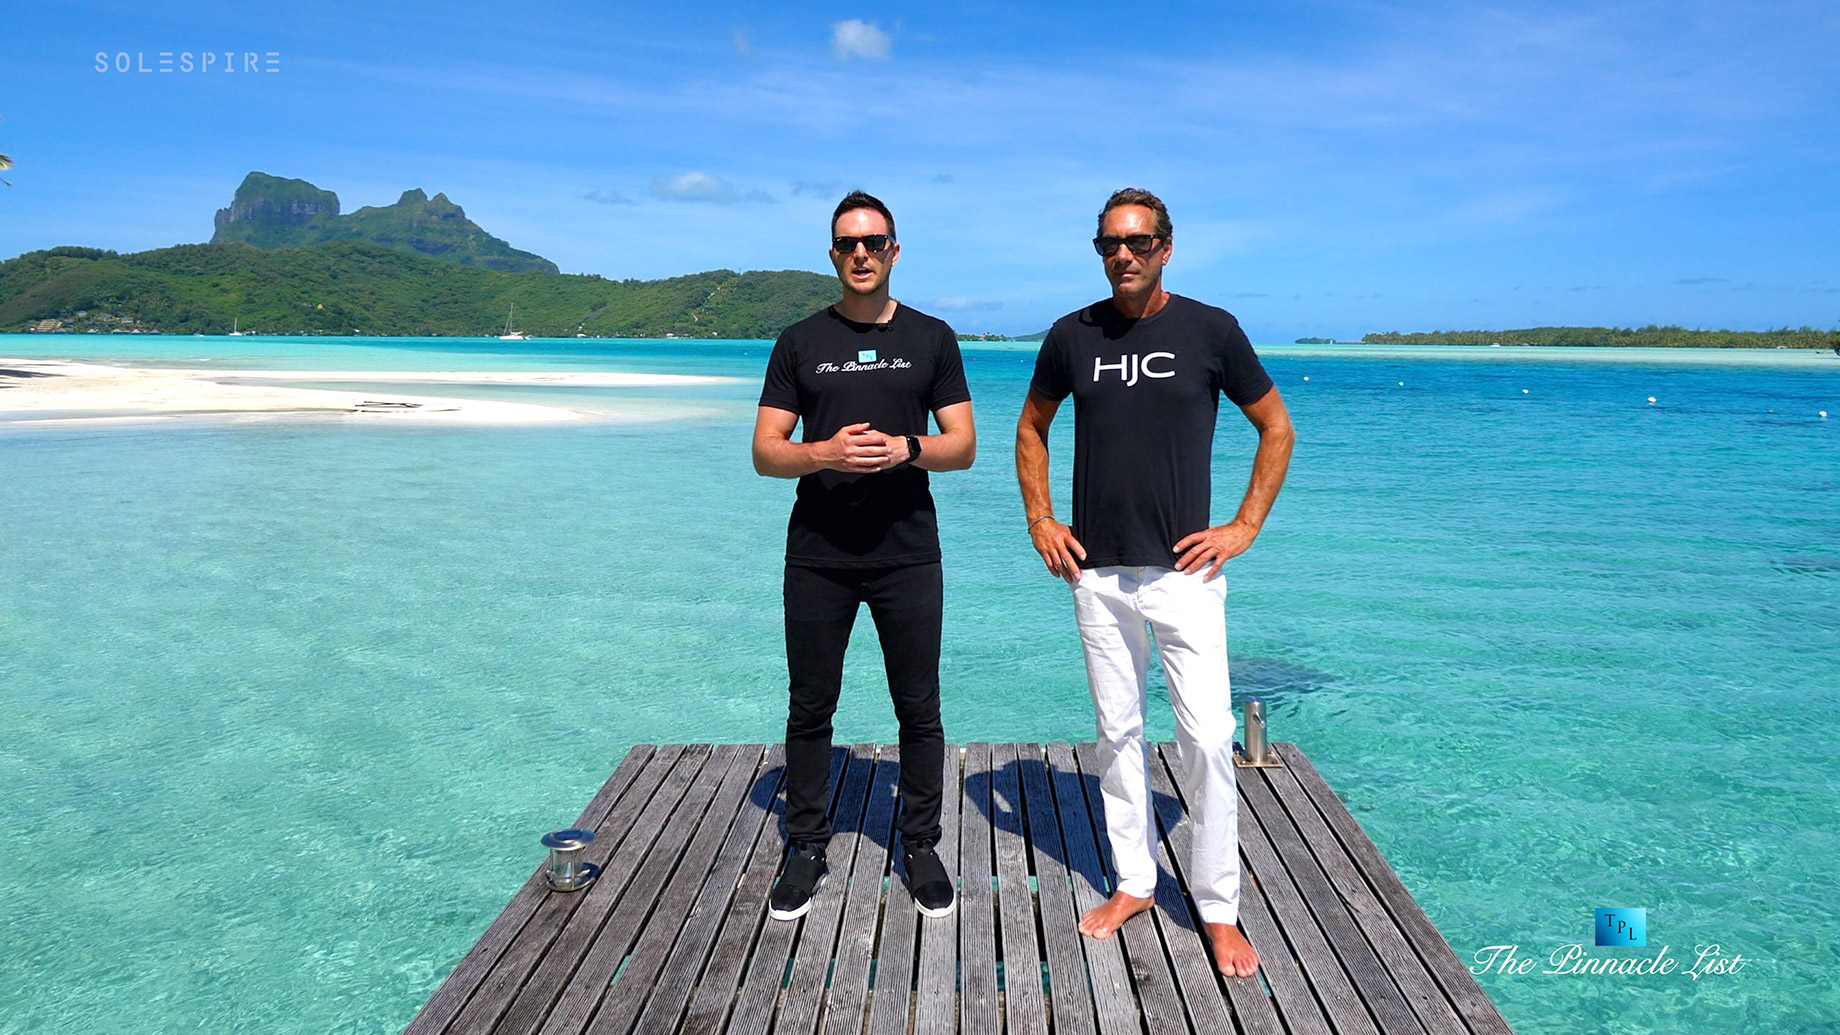 Motu Tane - Bora Bora, French Polynesia - Marcus Anthony & Bob Hurwitz